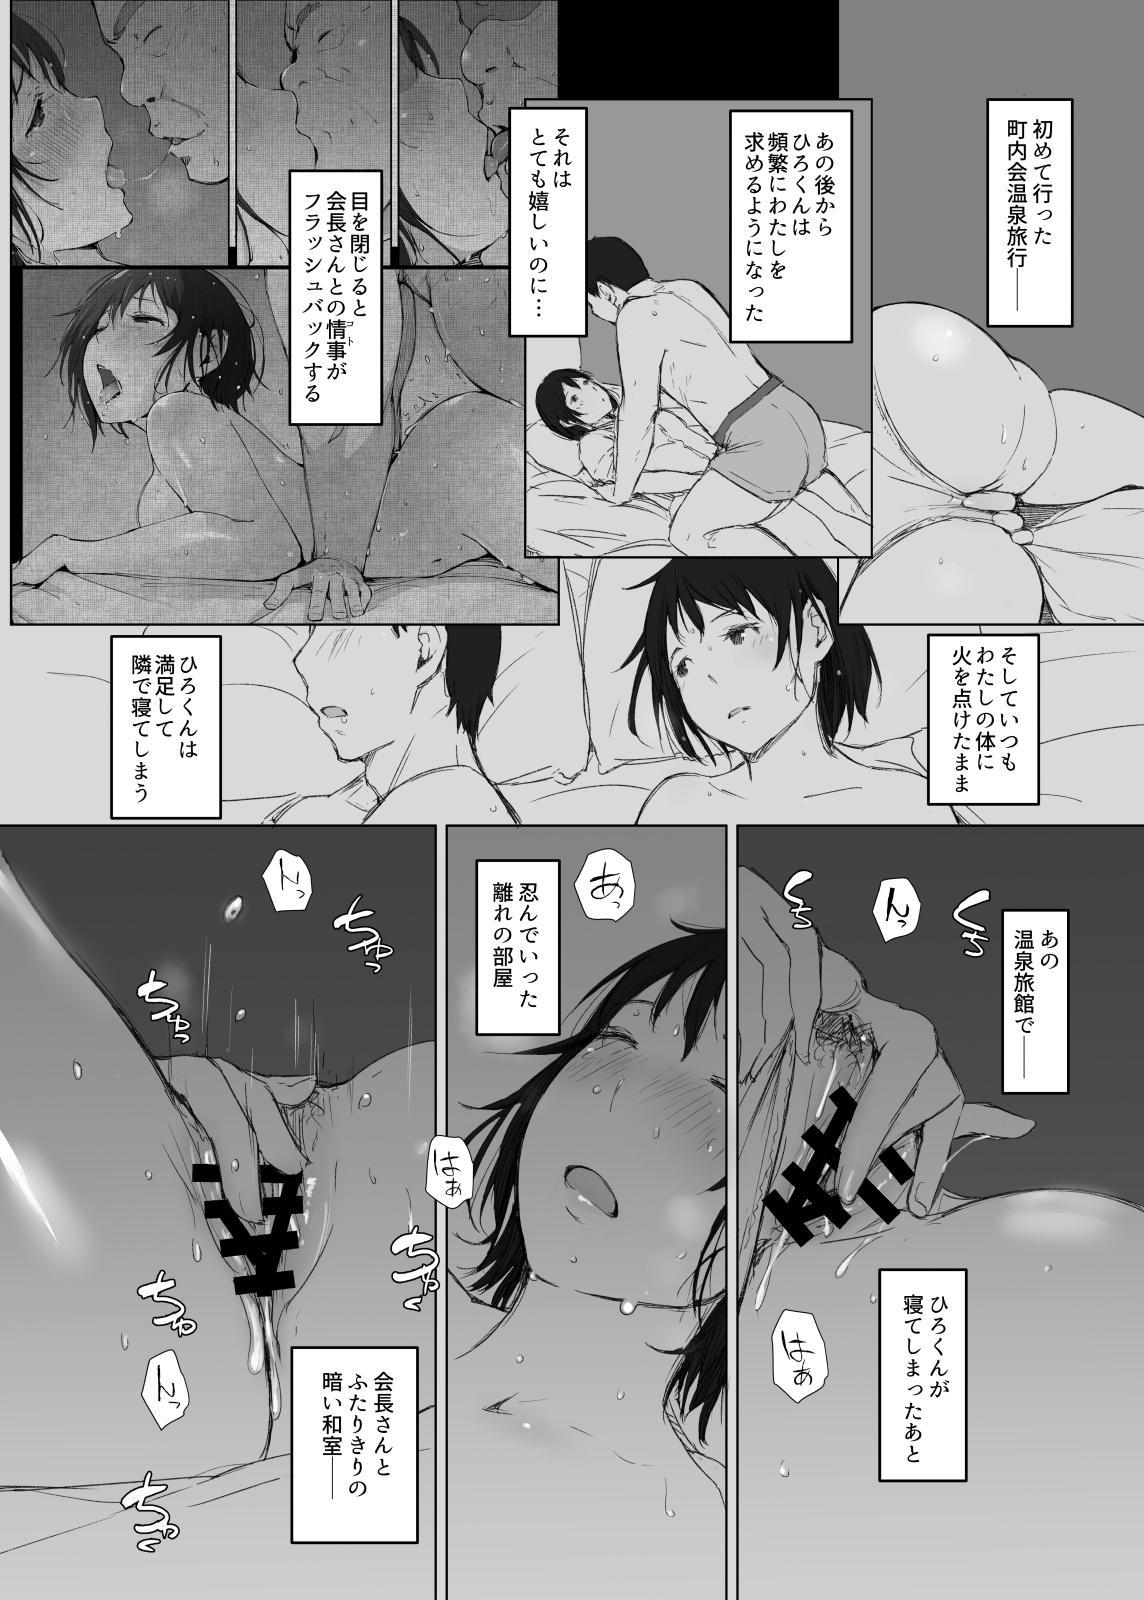 Netorareta Hitozuma to Netorareru Hitozuma 37